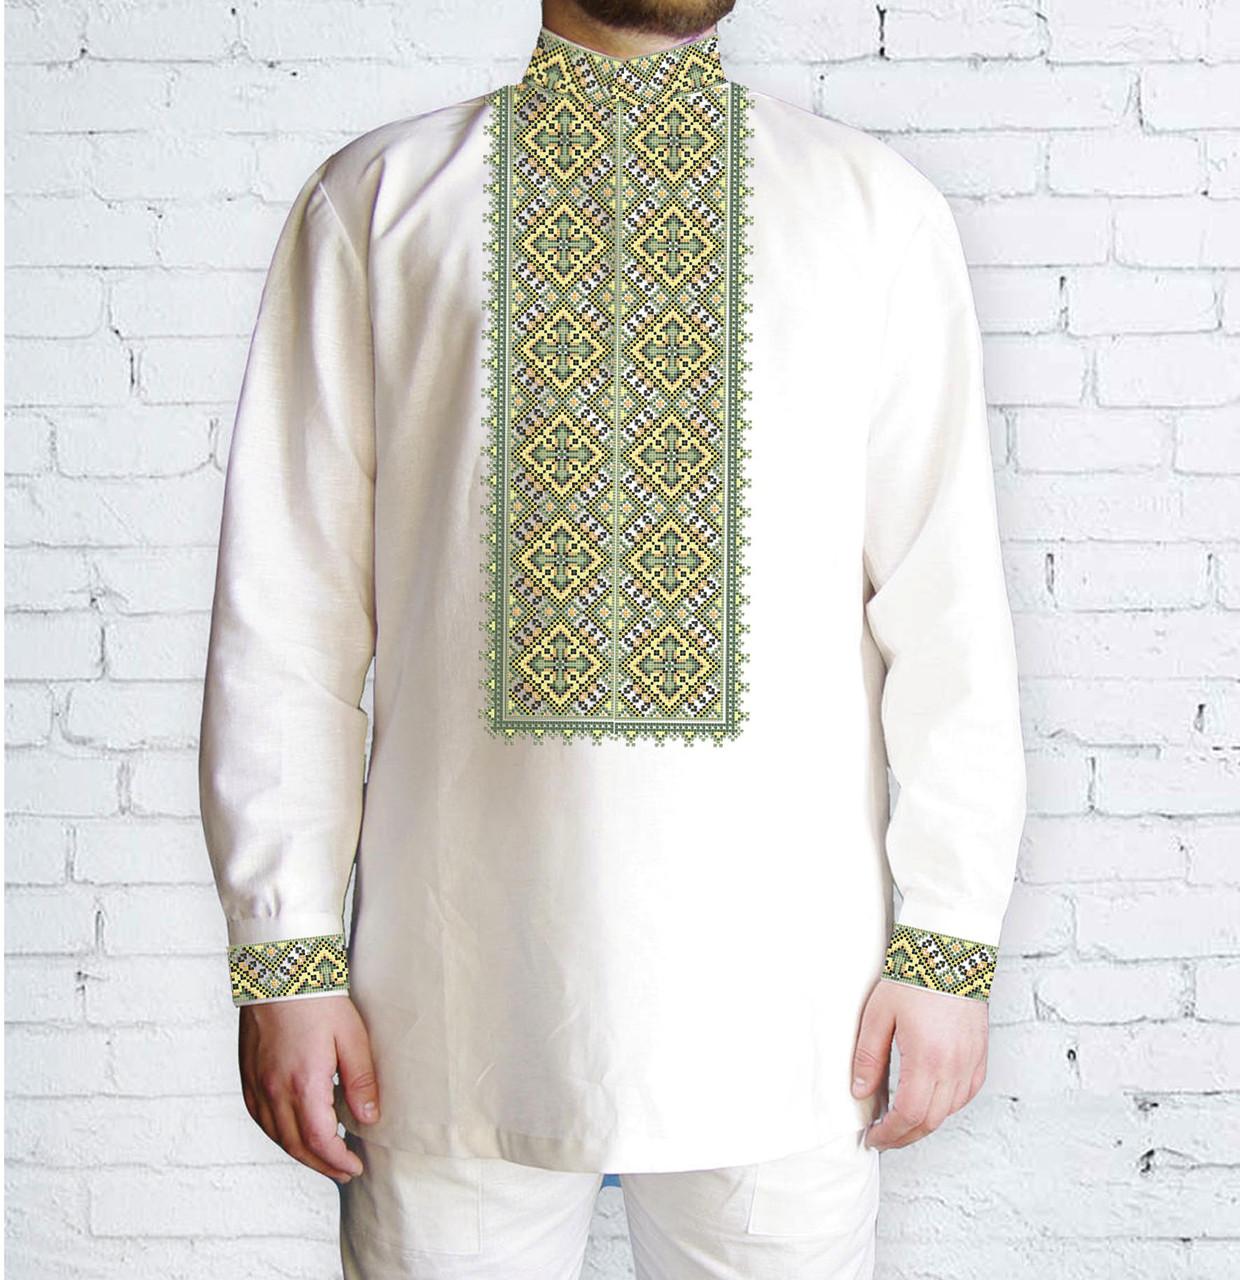 Заготовка чоловічої сорочки та вишиванки для вишивки чи вишивання бісером Бисерок «543 Зелена» (Ч-543-З )